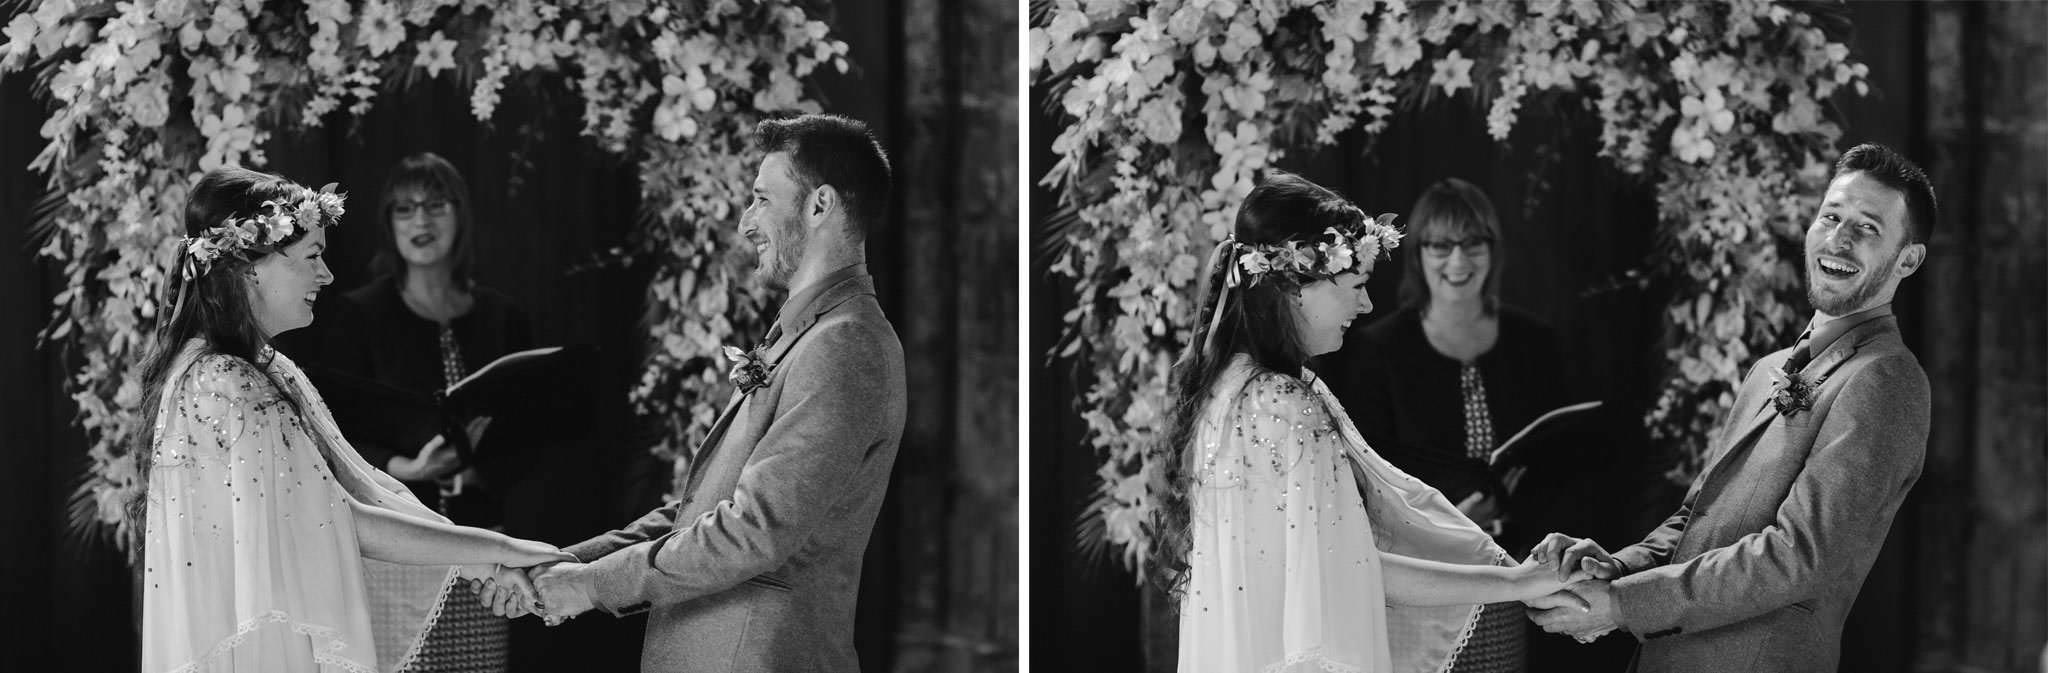 scottish-wedding-photography-065